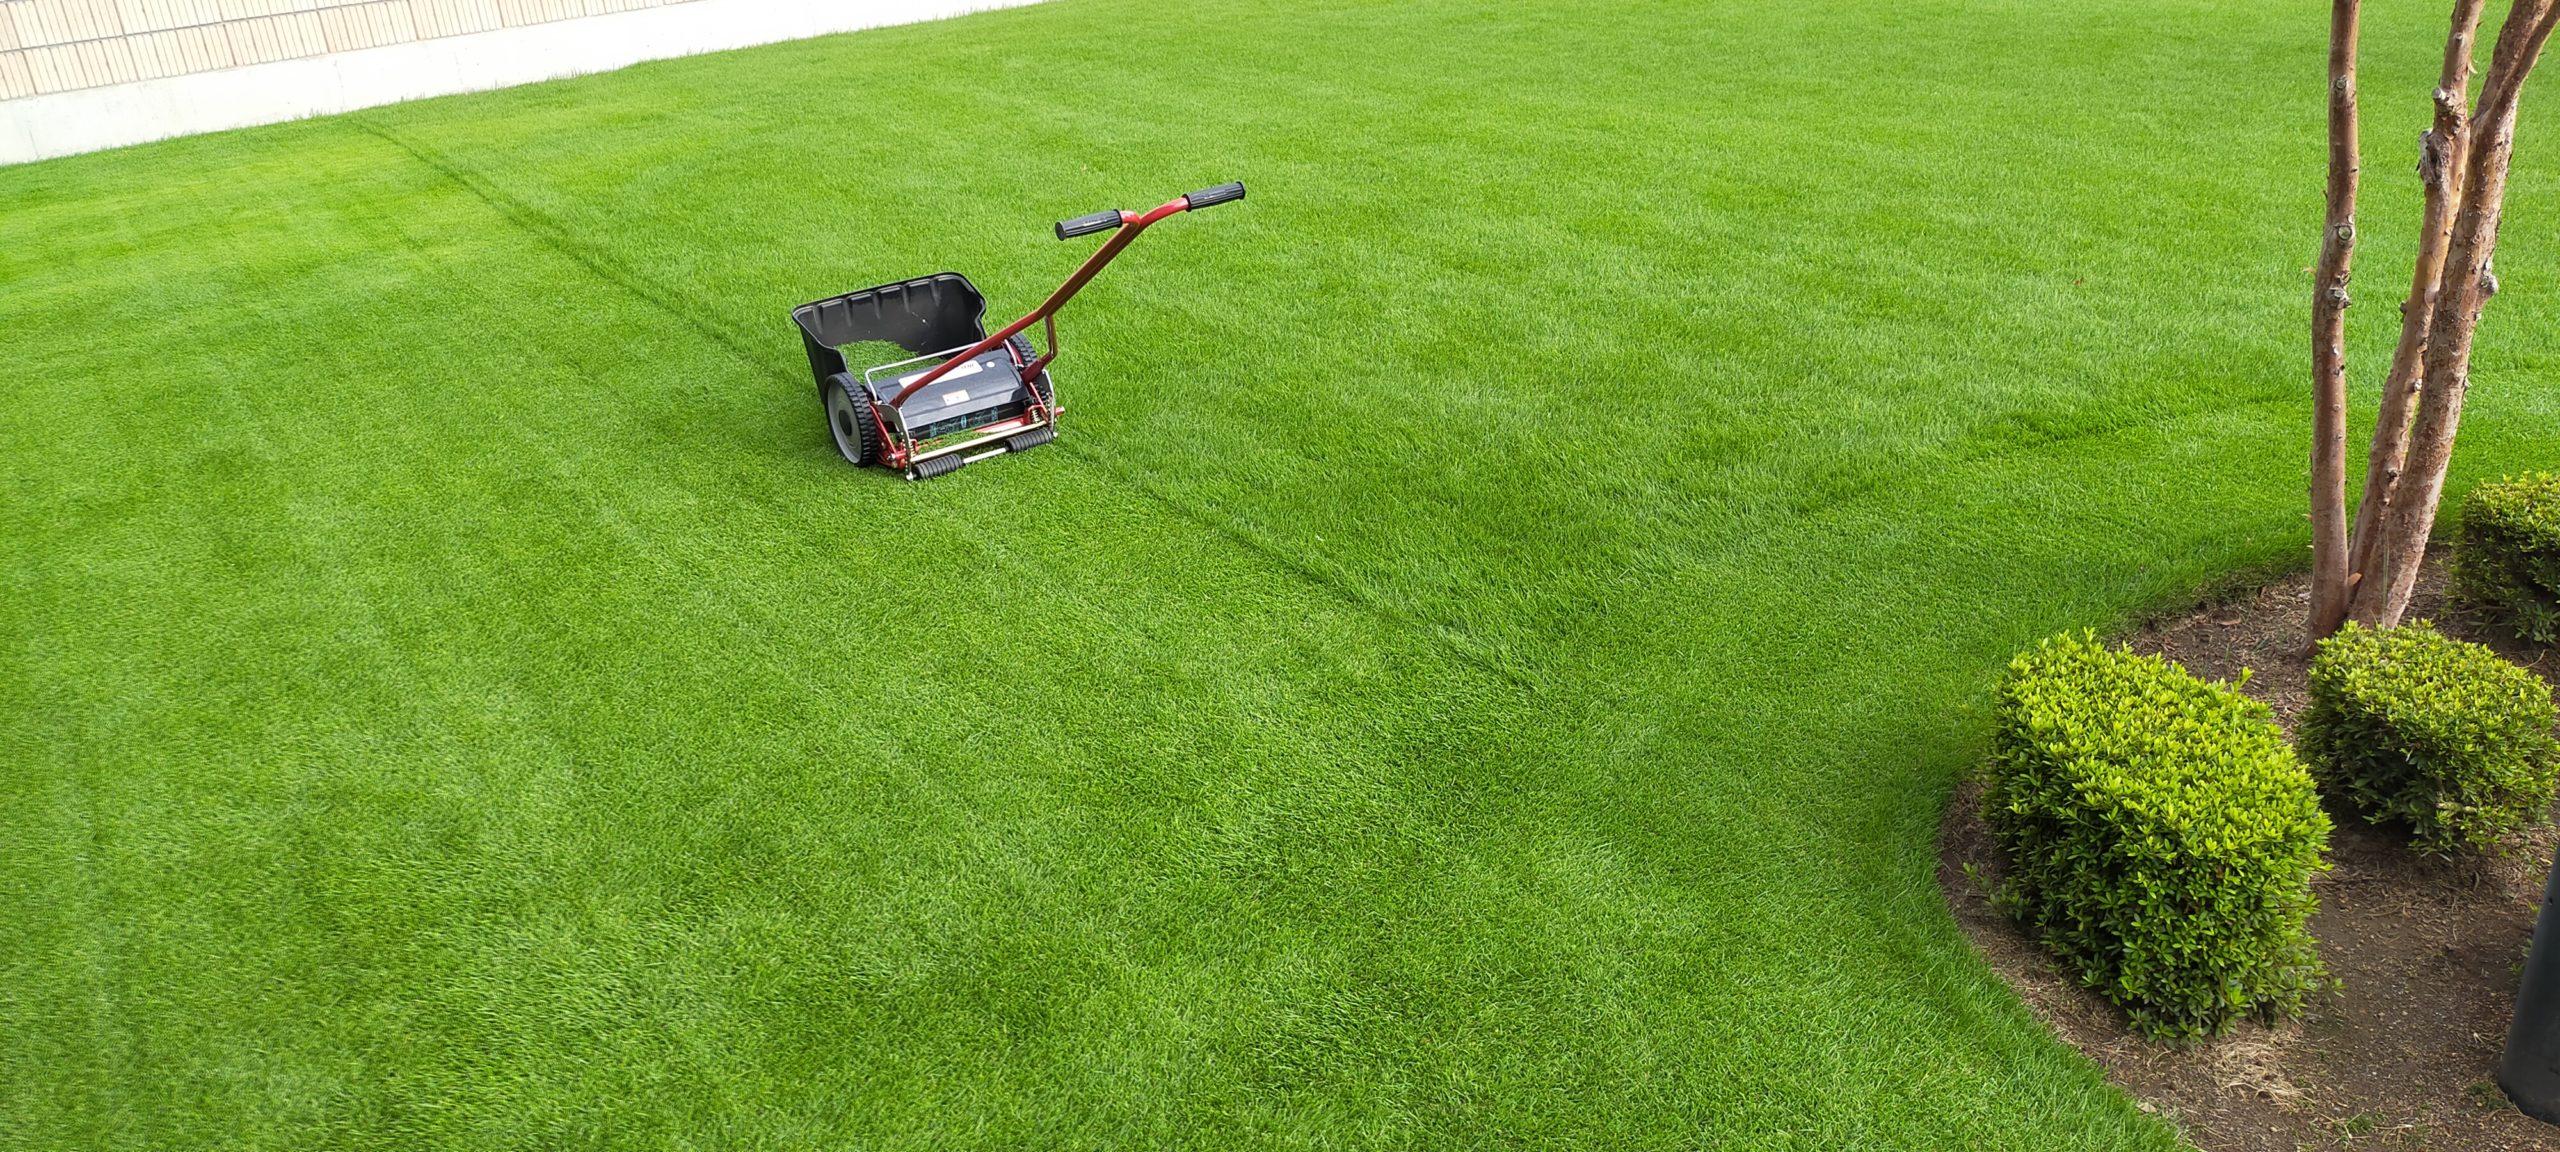 芝刈りの時間を短縮する方法はこれだ😃✨